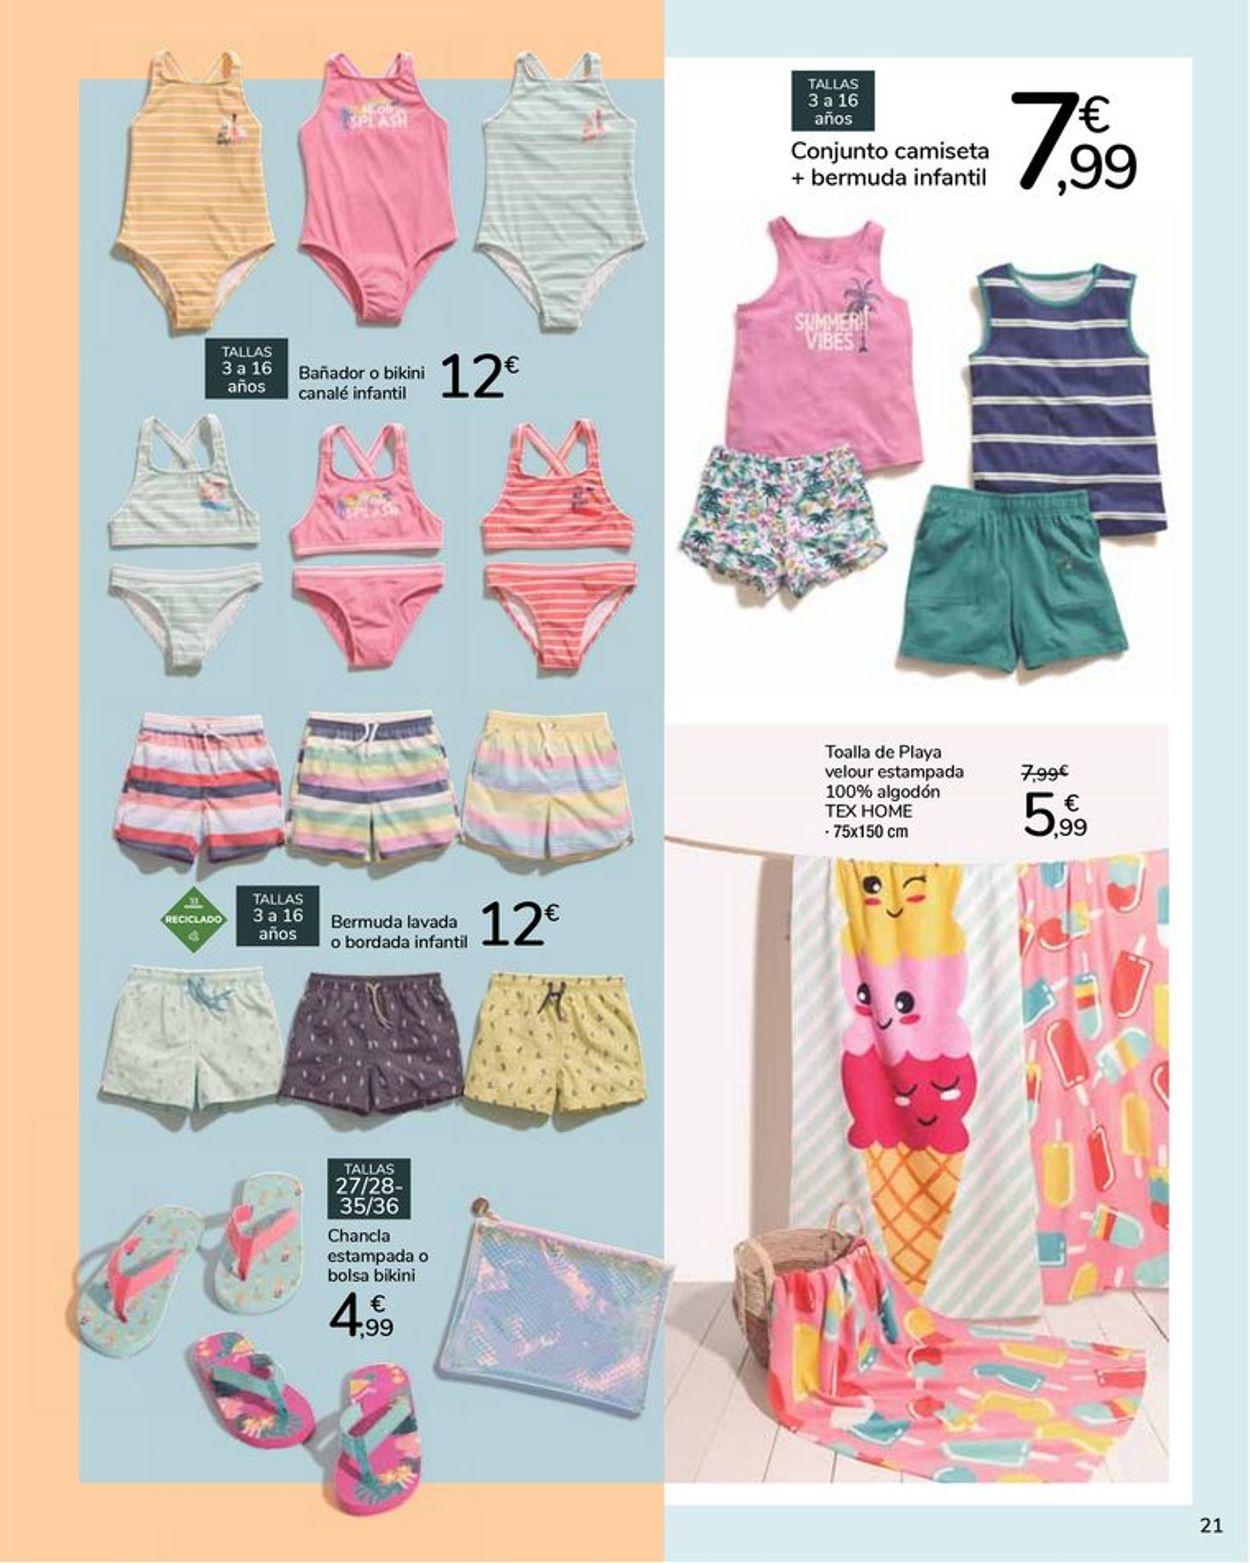 Carrefour Ganísimas de verano Folleto - 21.05-22.06.2021 (Página 21)